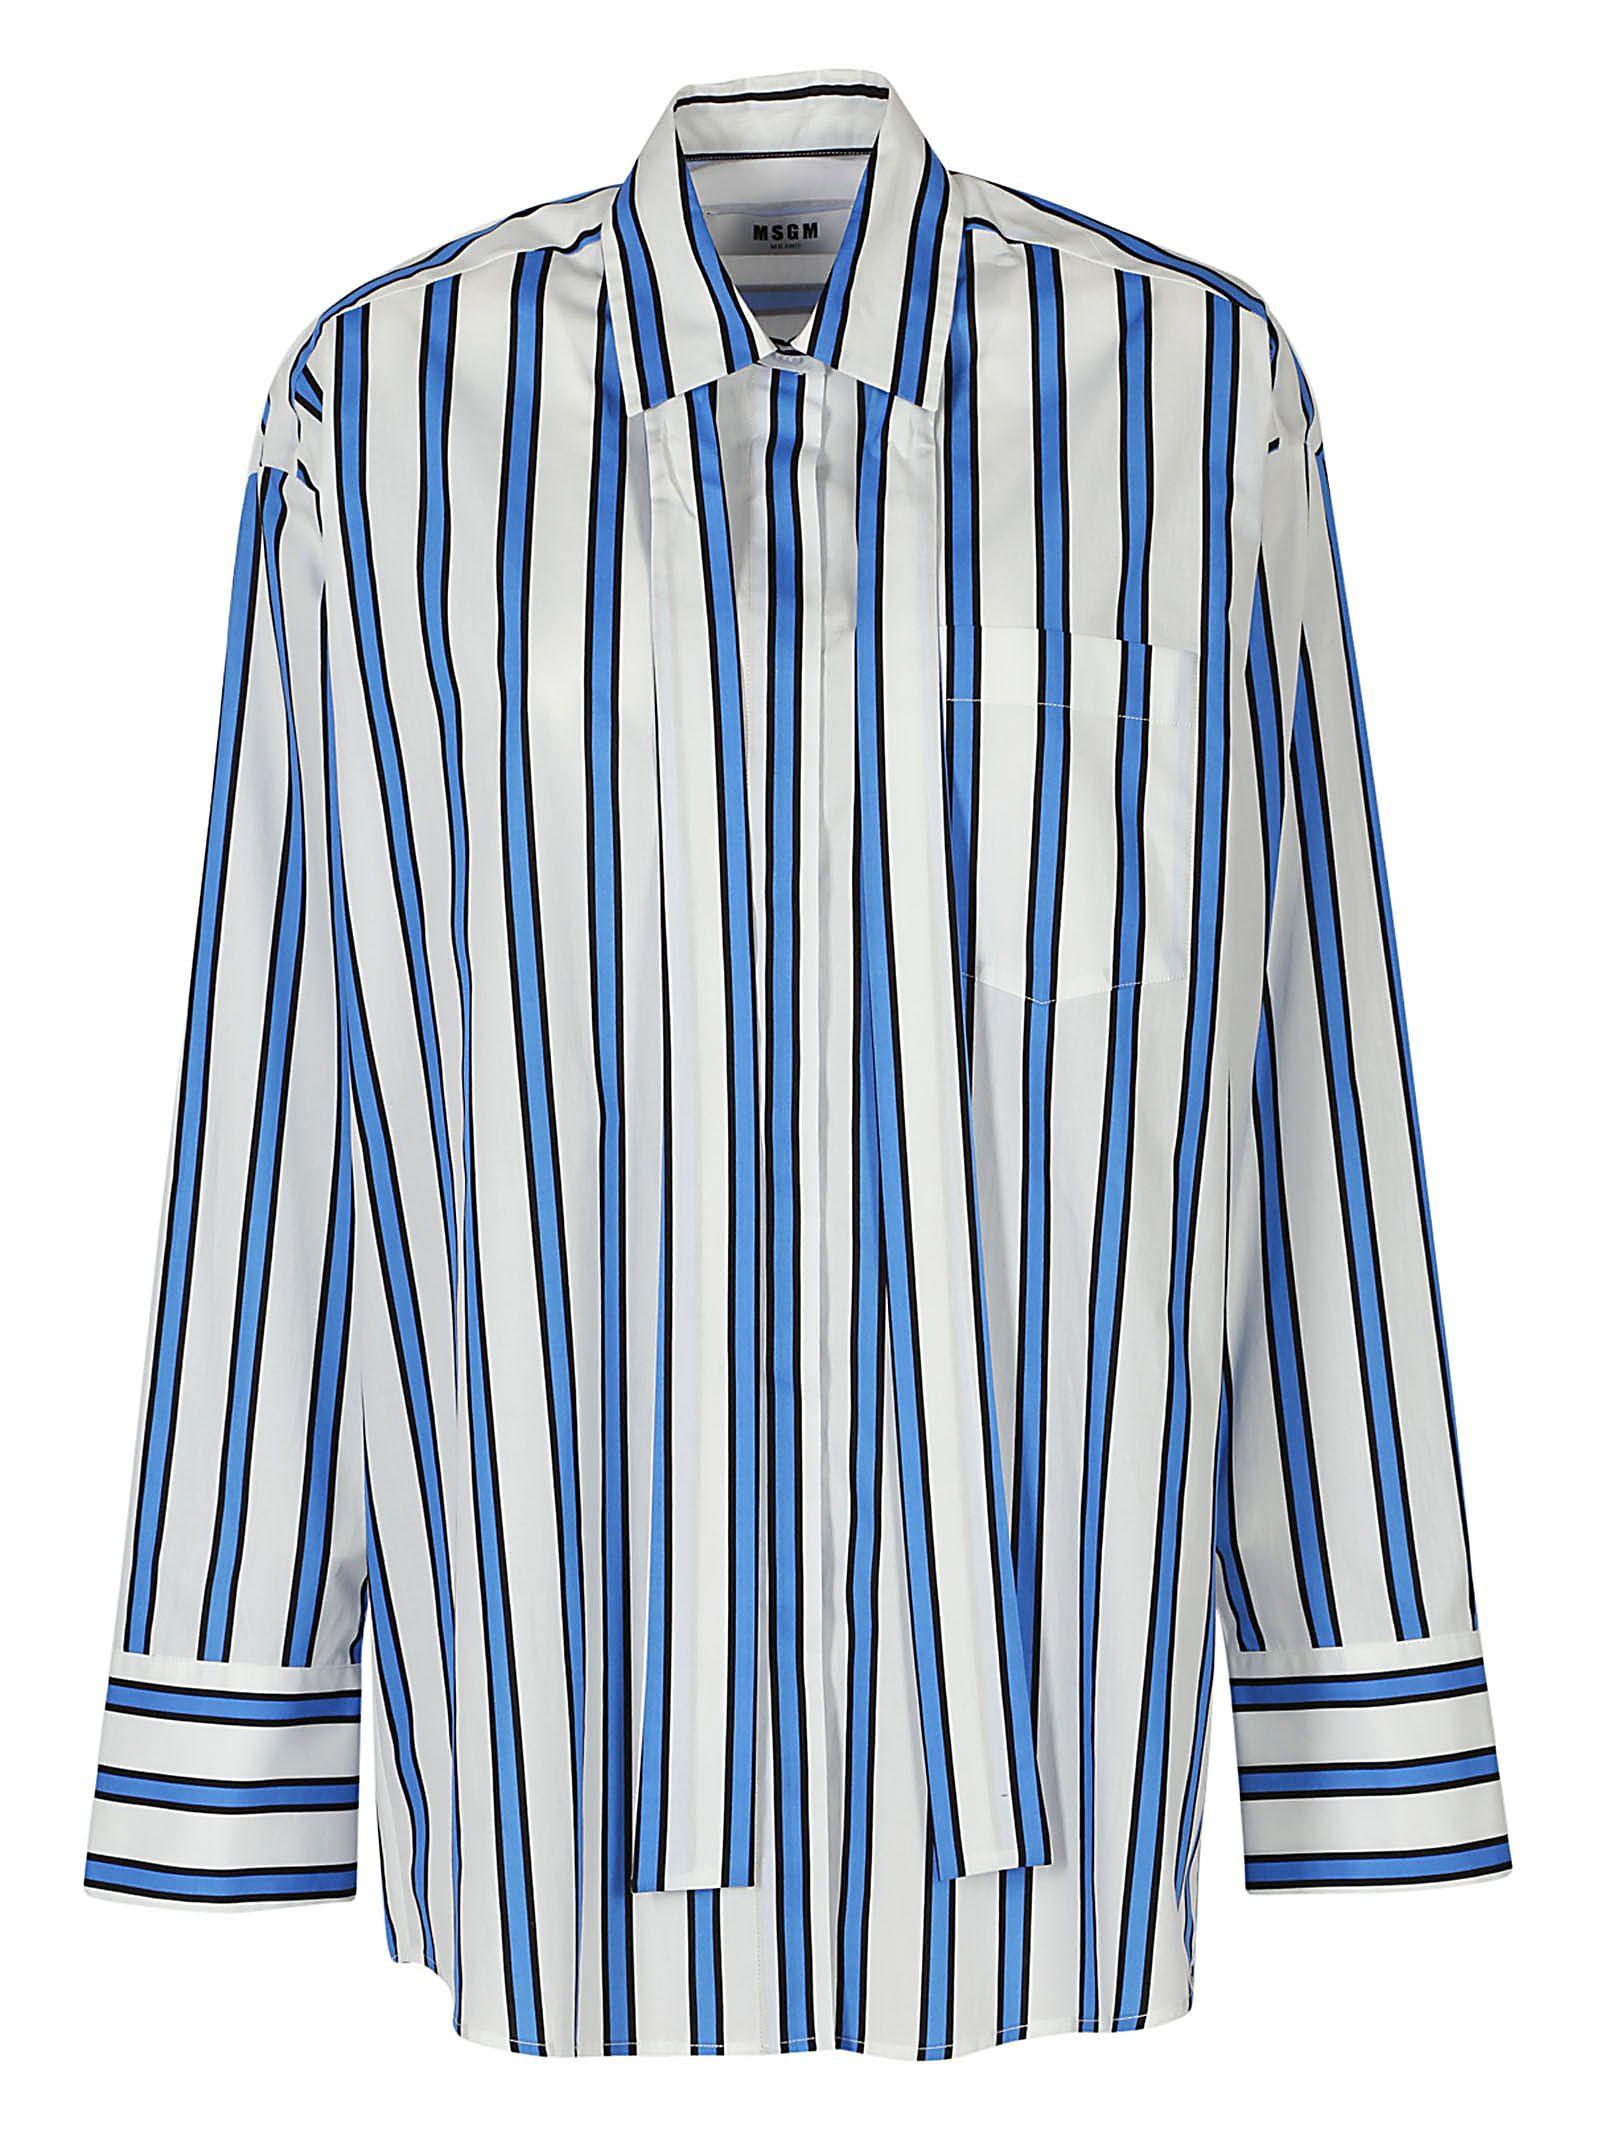 Msgm Long Shirt